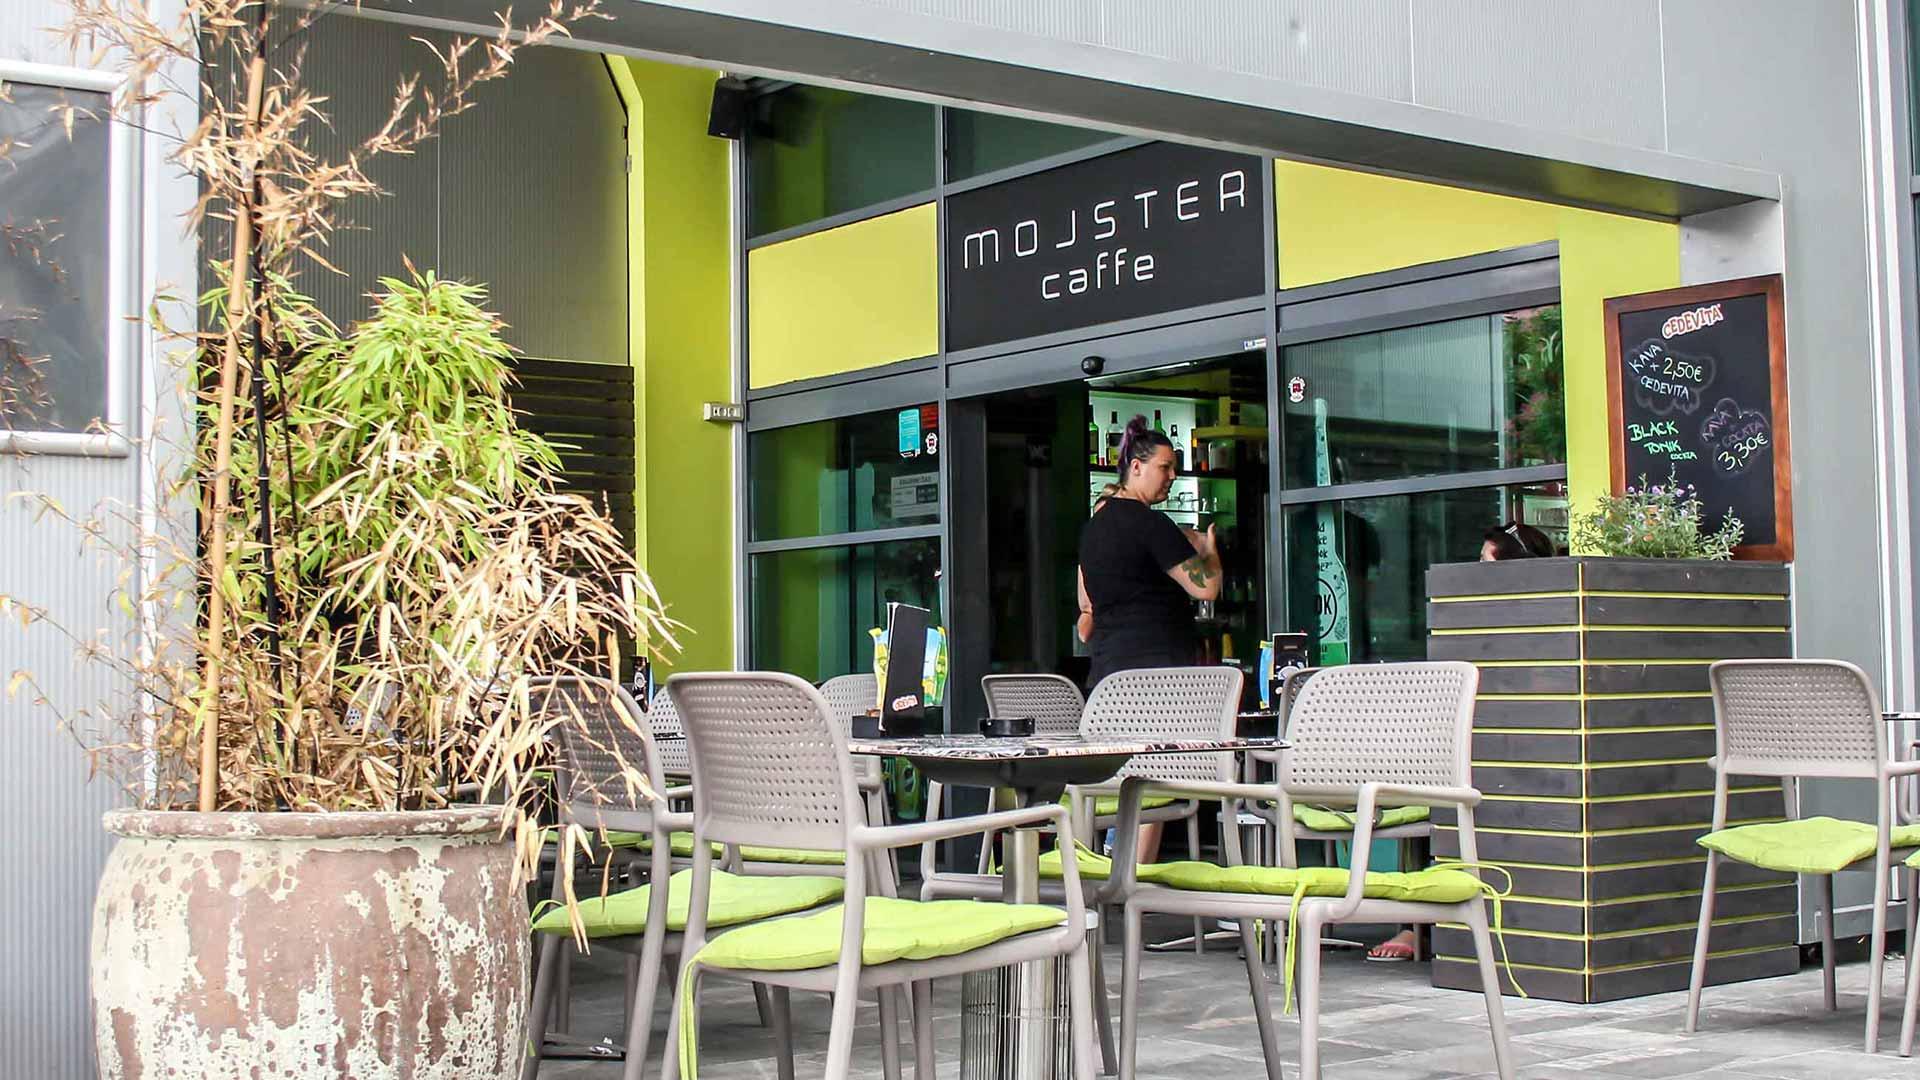 382-hero-Mojster_Caffe-zunaj